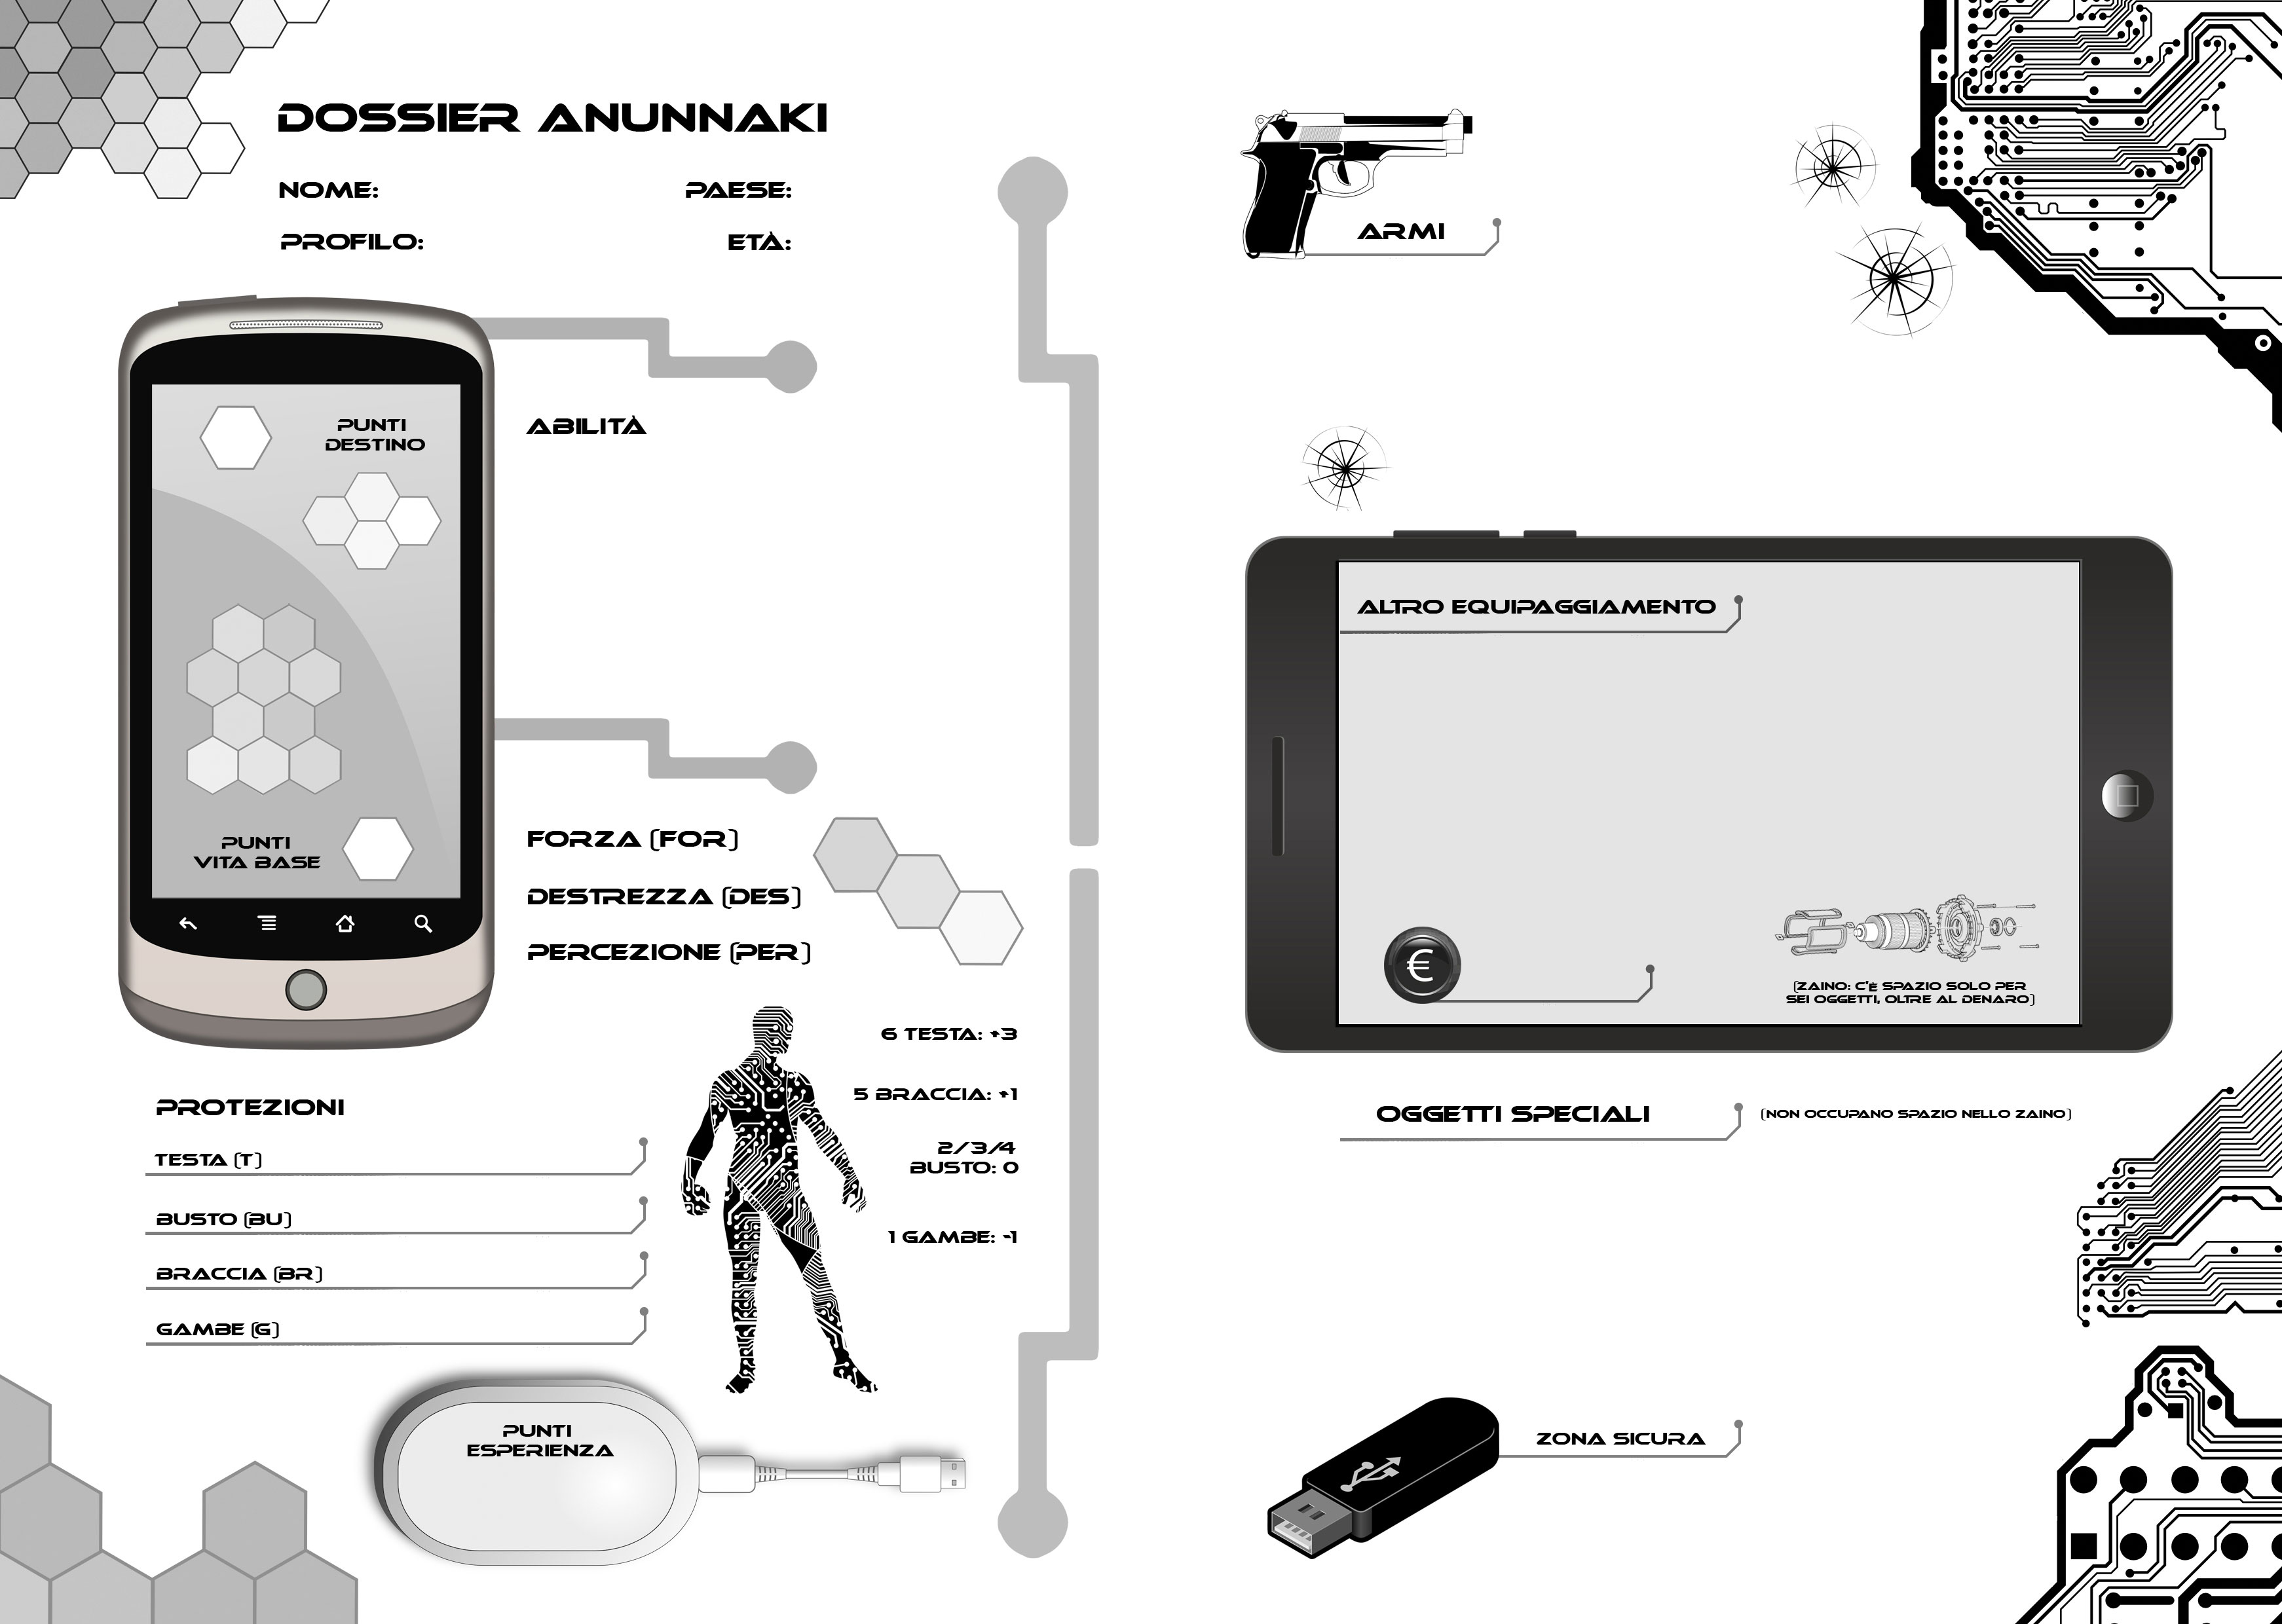 Dossier Anunnaki, Registro del personaggio